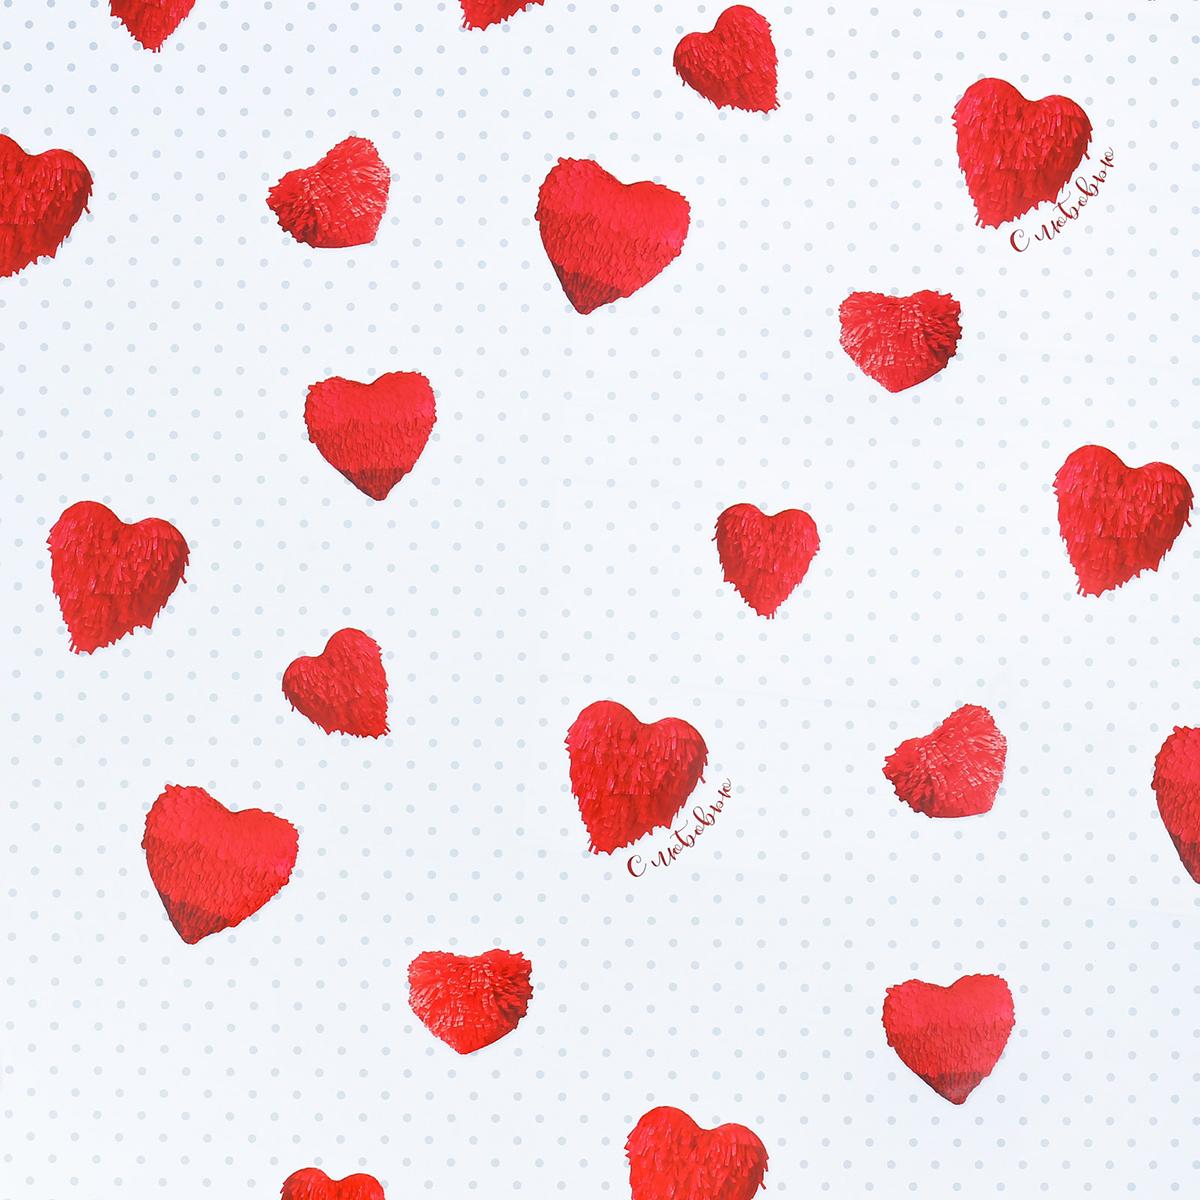 Фото - Бумага упаковочная Дарите счастье Огромной радости, глянцевая, 70 х 100 см. 2862092 бумага упаковочная дарите счастье лаванда глянцевая 70 х 100 см 2924096